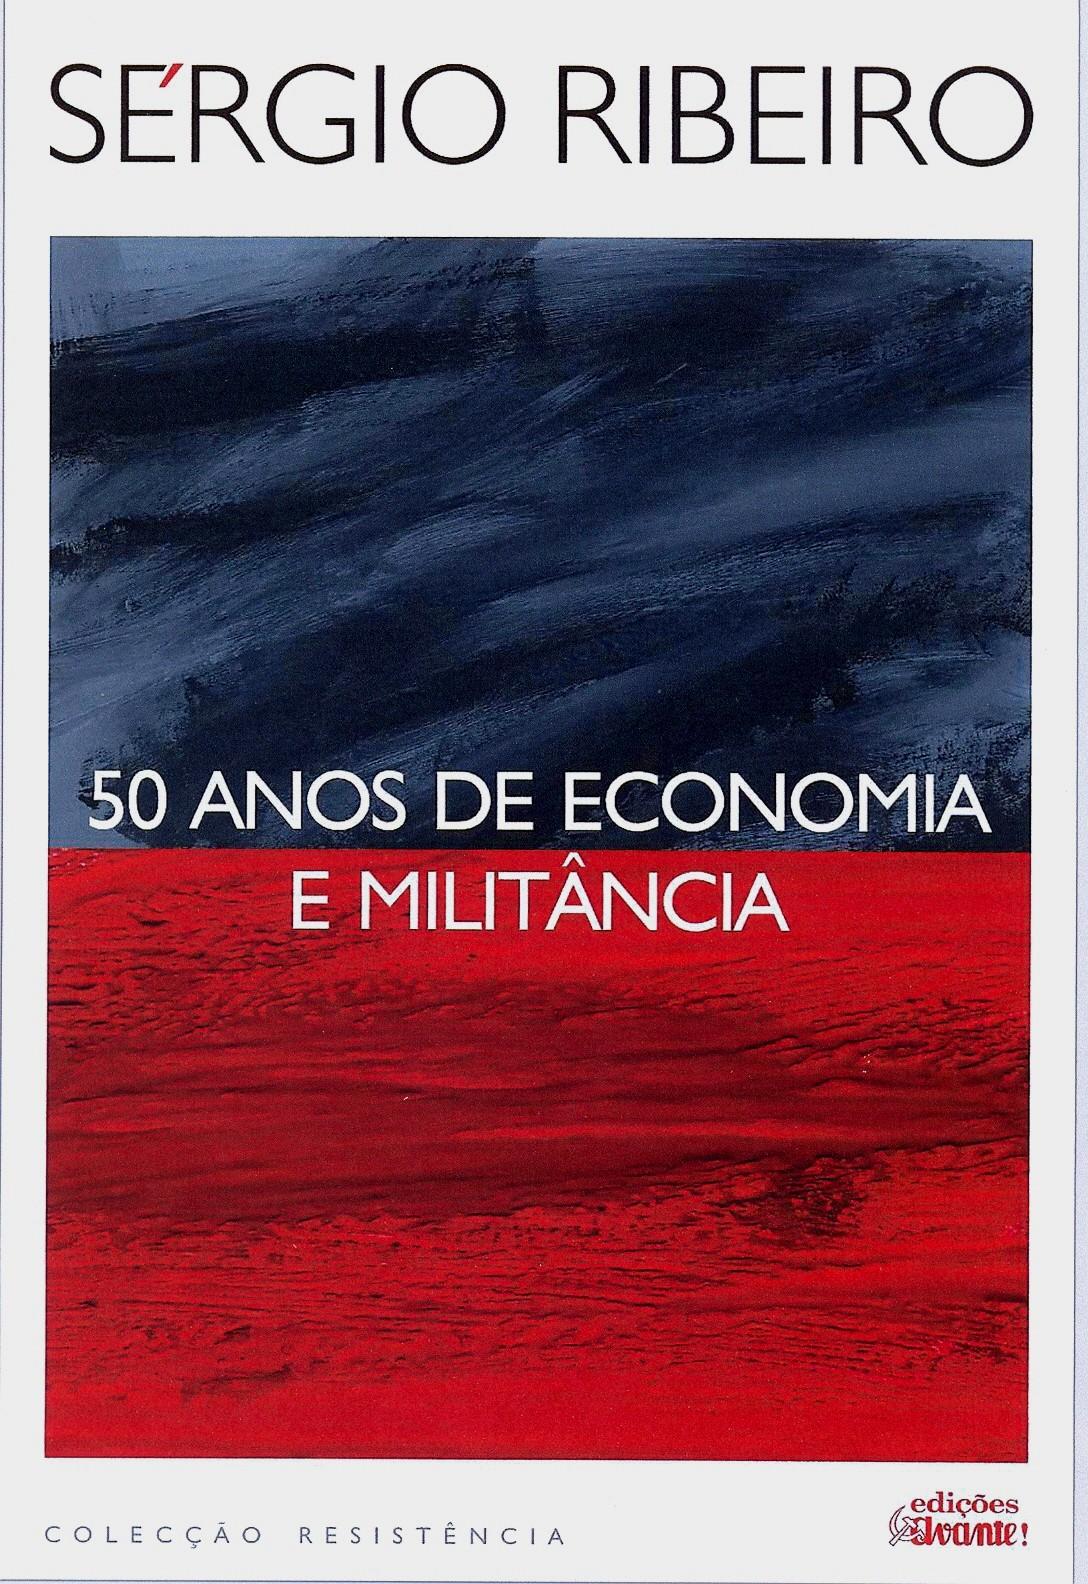 S%C3%A9rgio%20Ribeiro%2C%2050%20Anos%20de%20Economia%20e%20Milit%C3%A2ncia.jpg